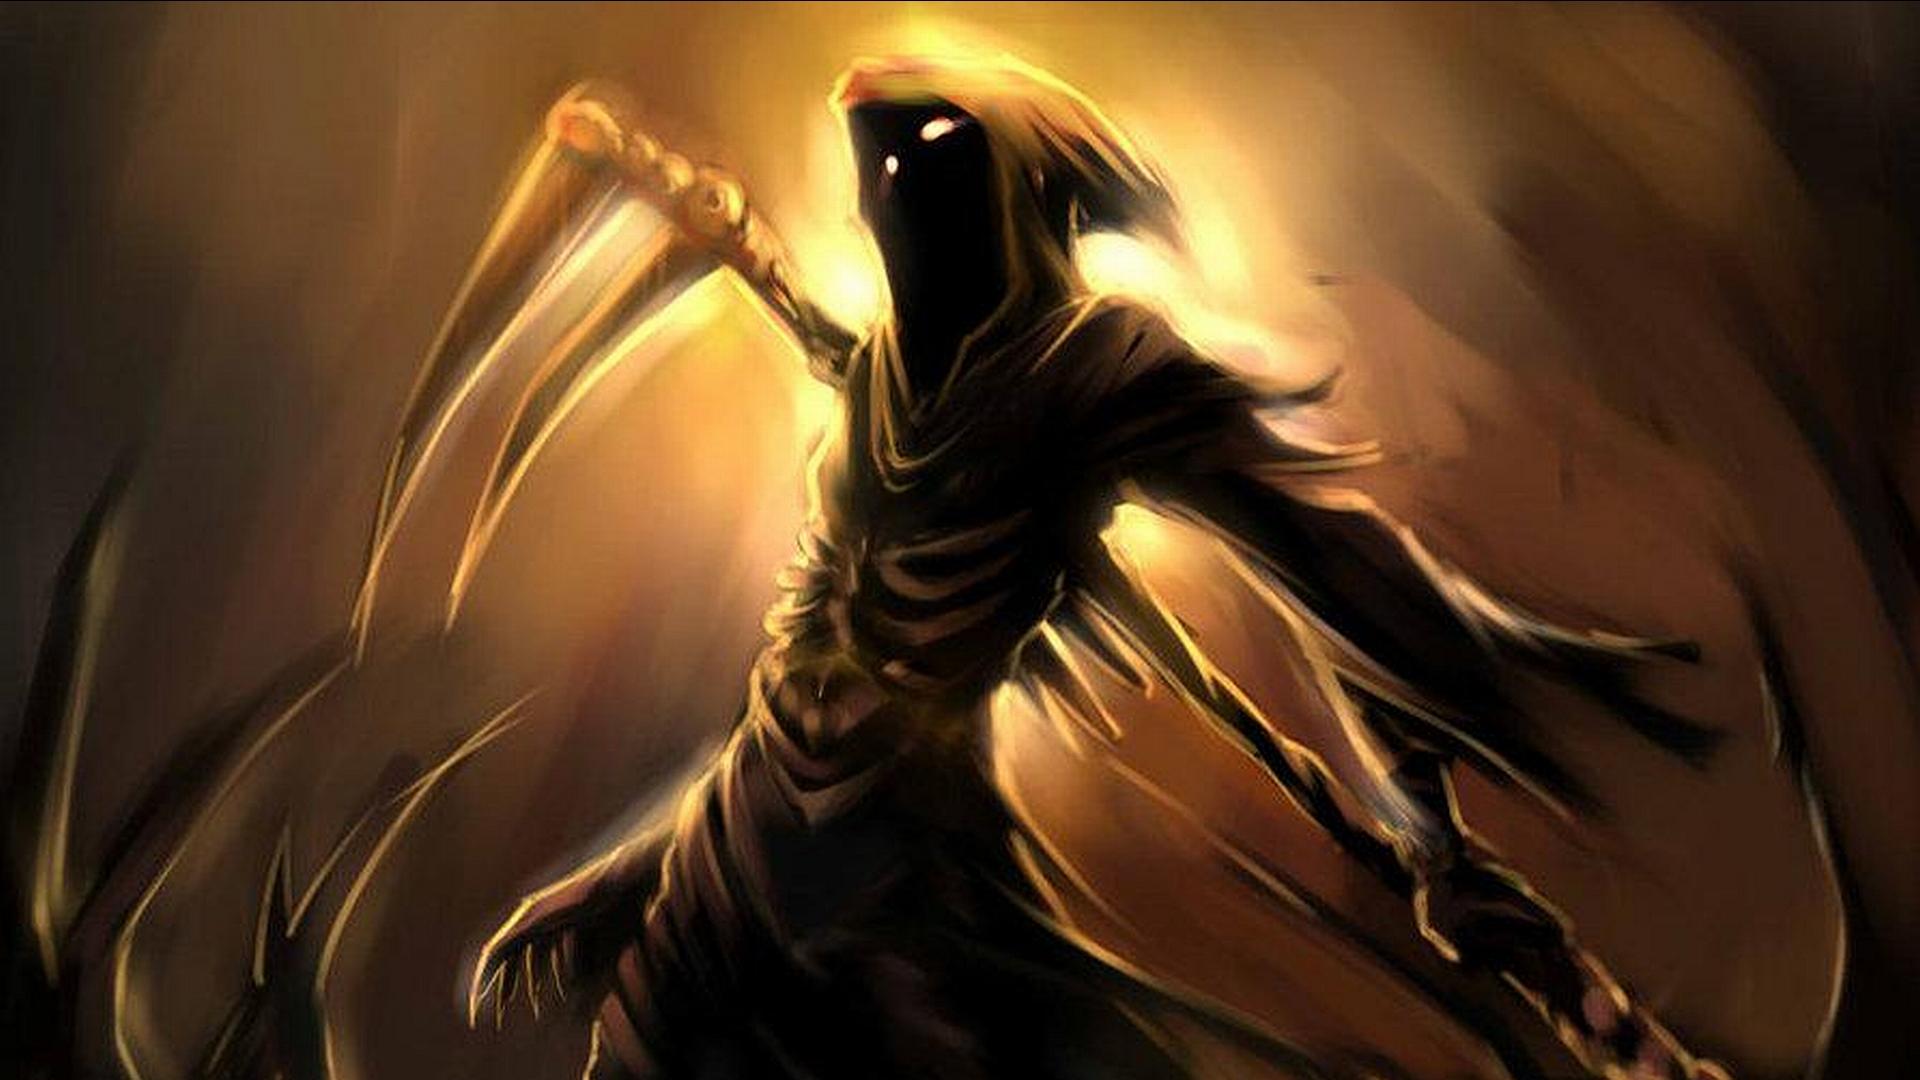 Badass grim reaper wallpaper wallpapersafari - Badass backgrounds ...